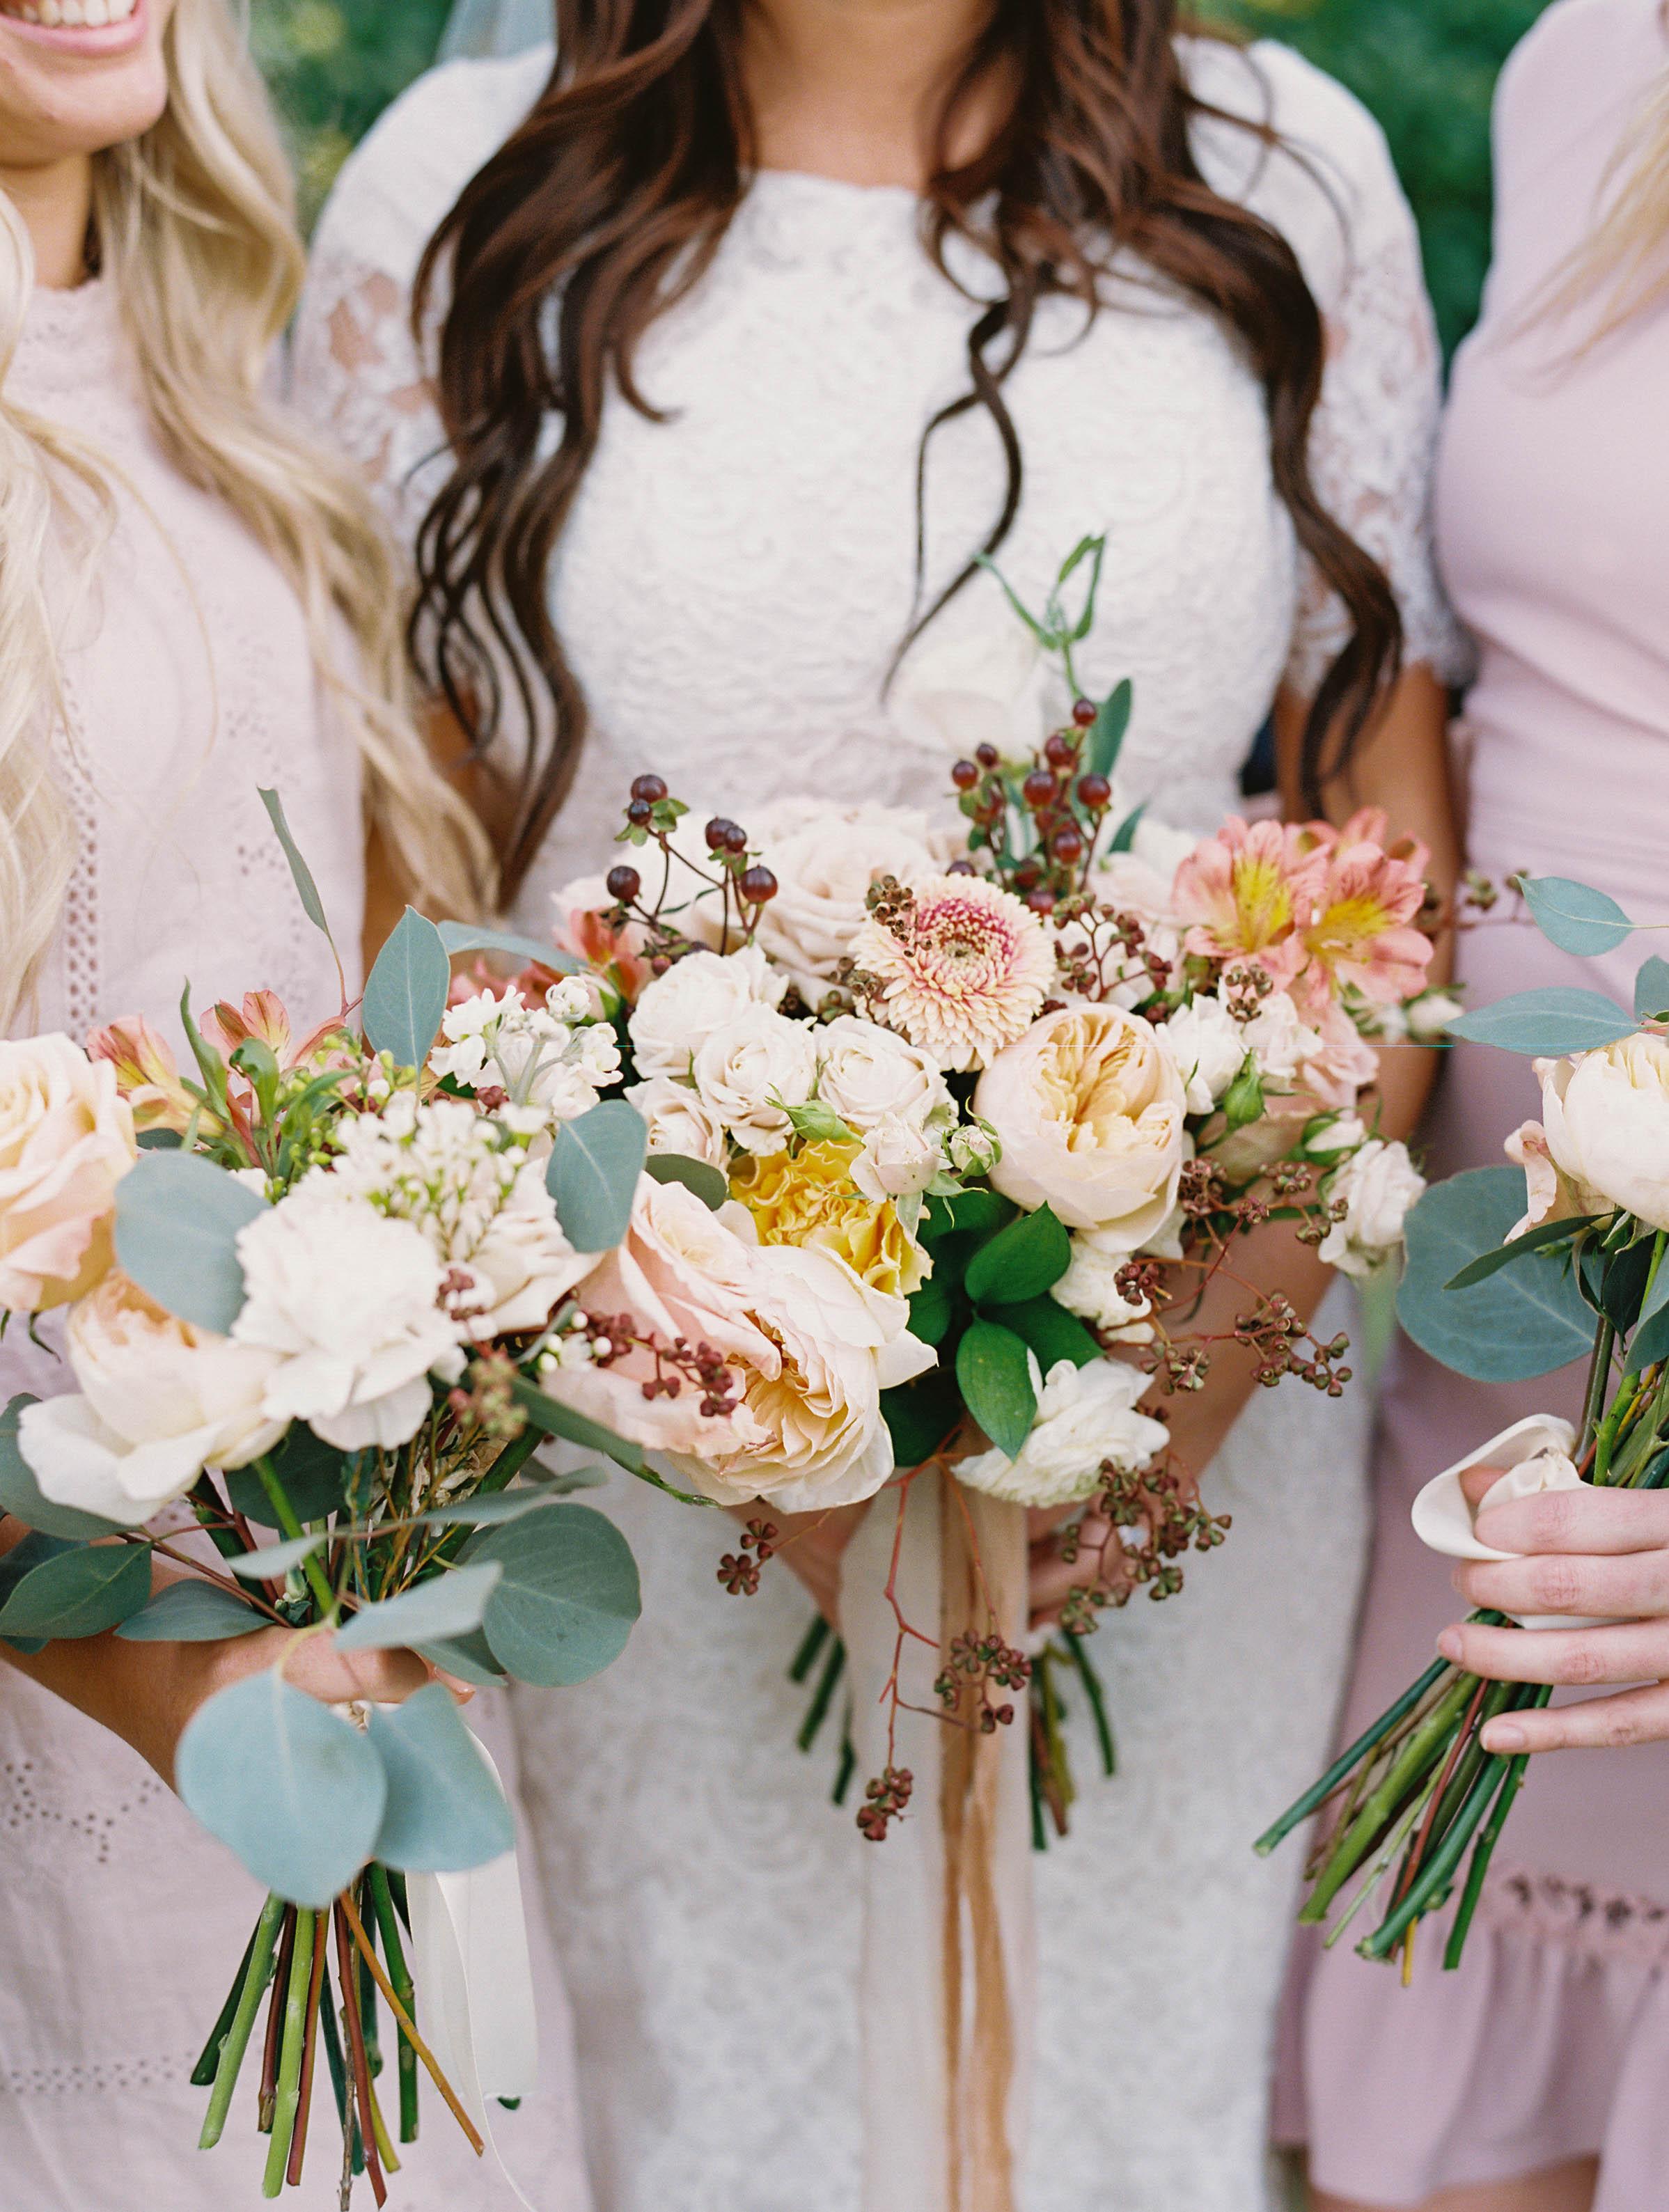 kelsandmichael_weddingphotography_coffey-94.jpg